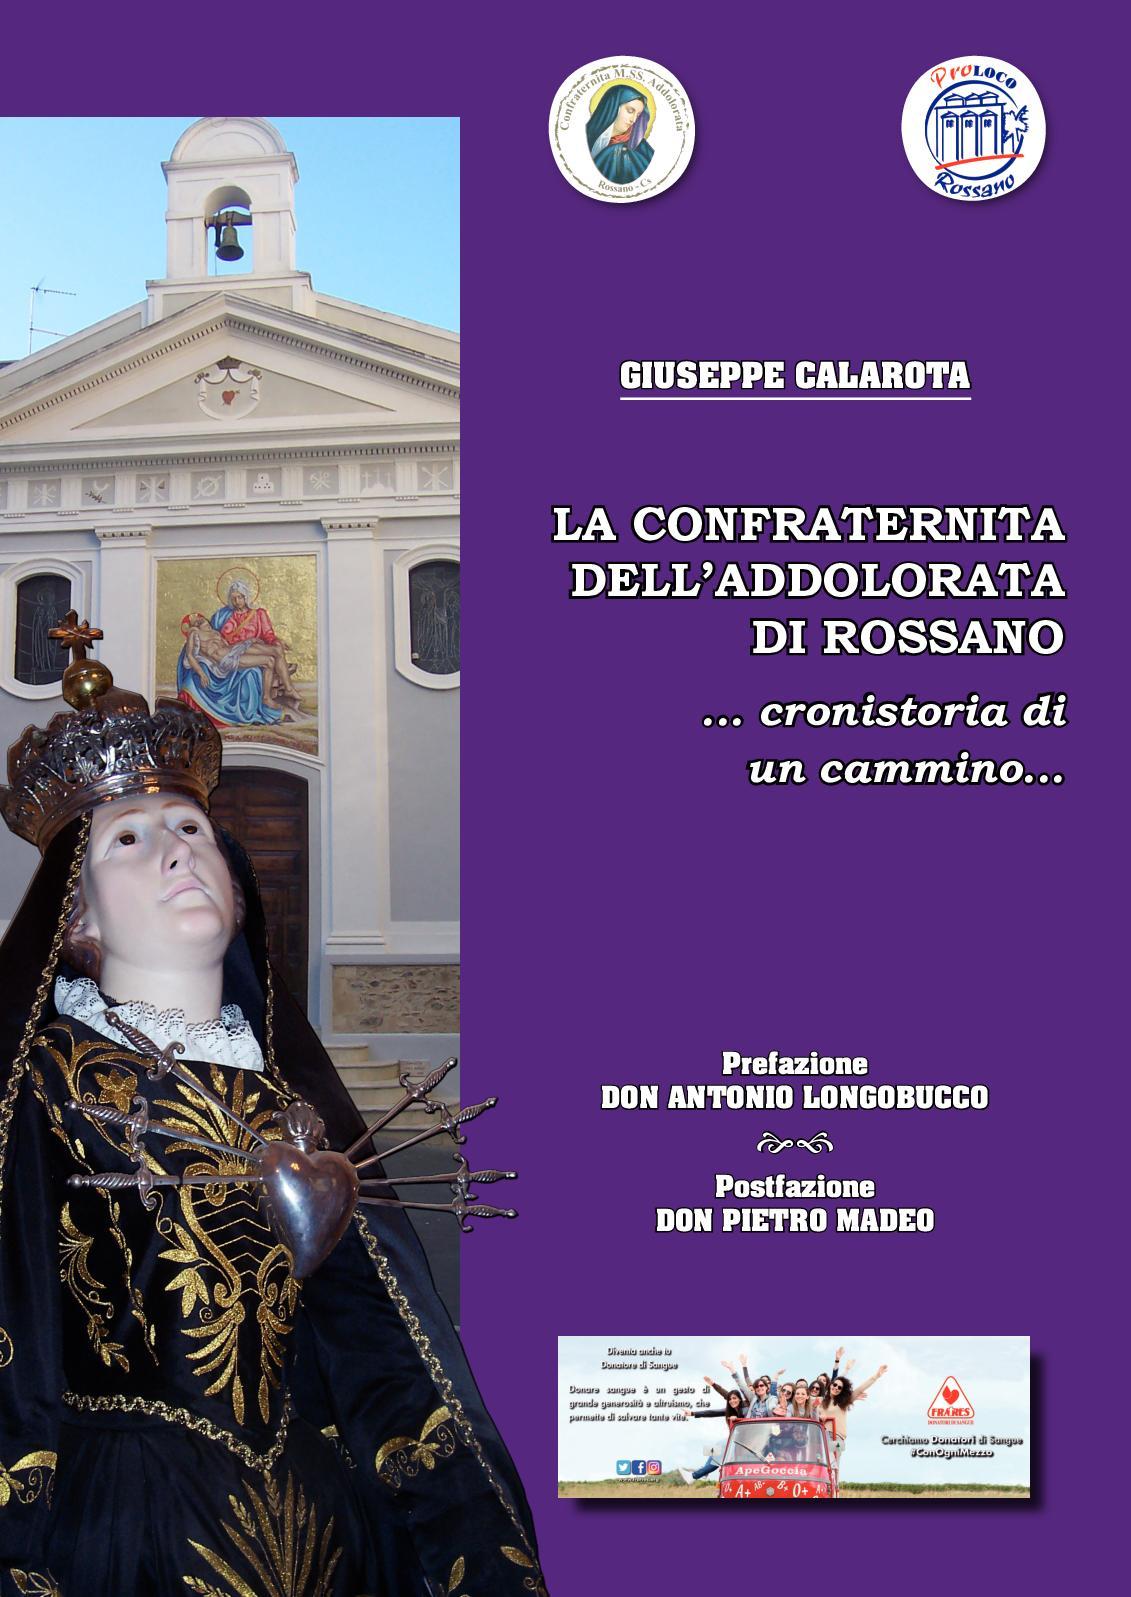 Calaméo La Confraternita Dell'addolorata Di Rossano